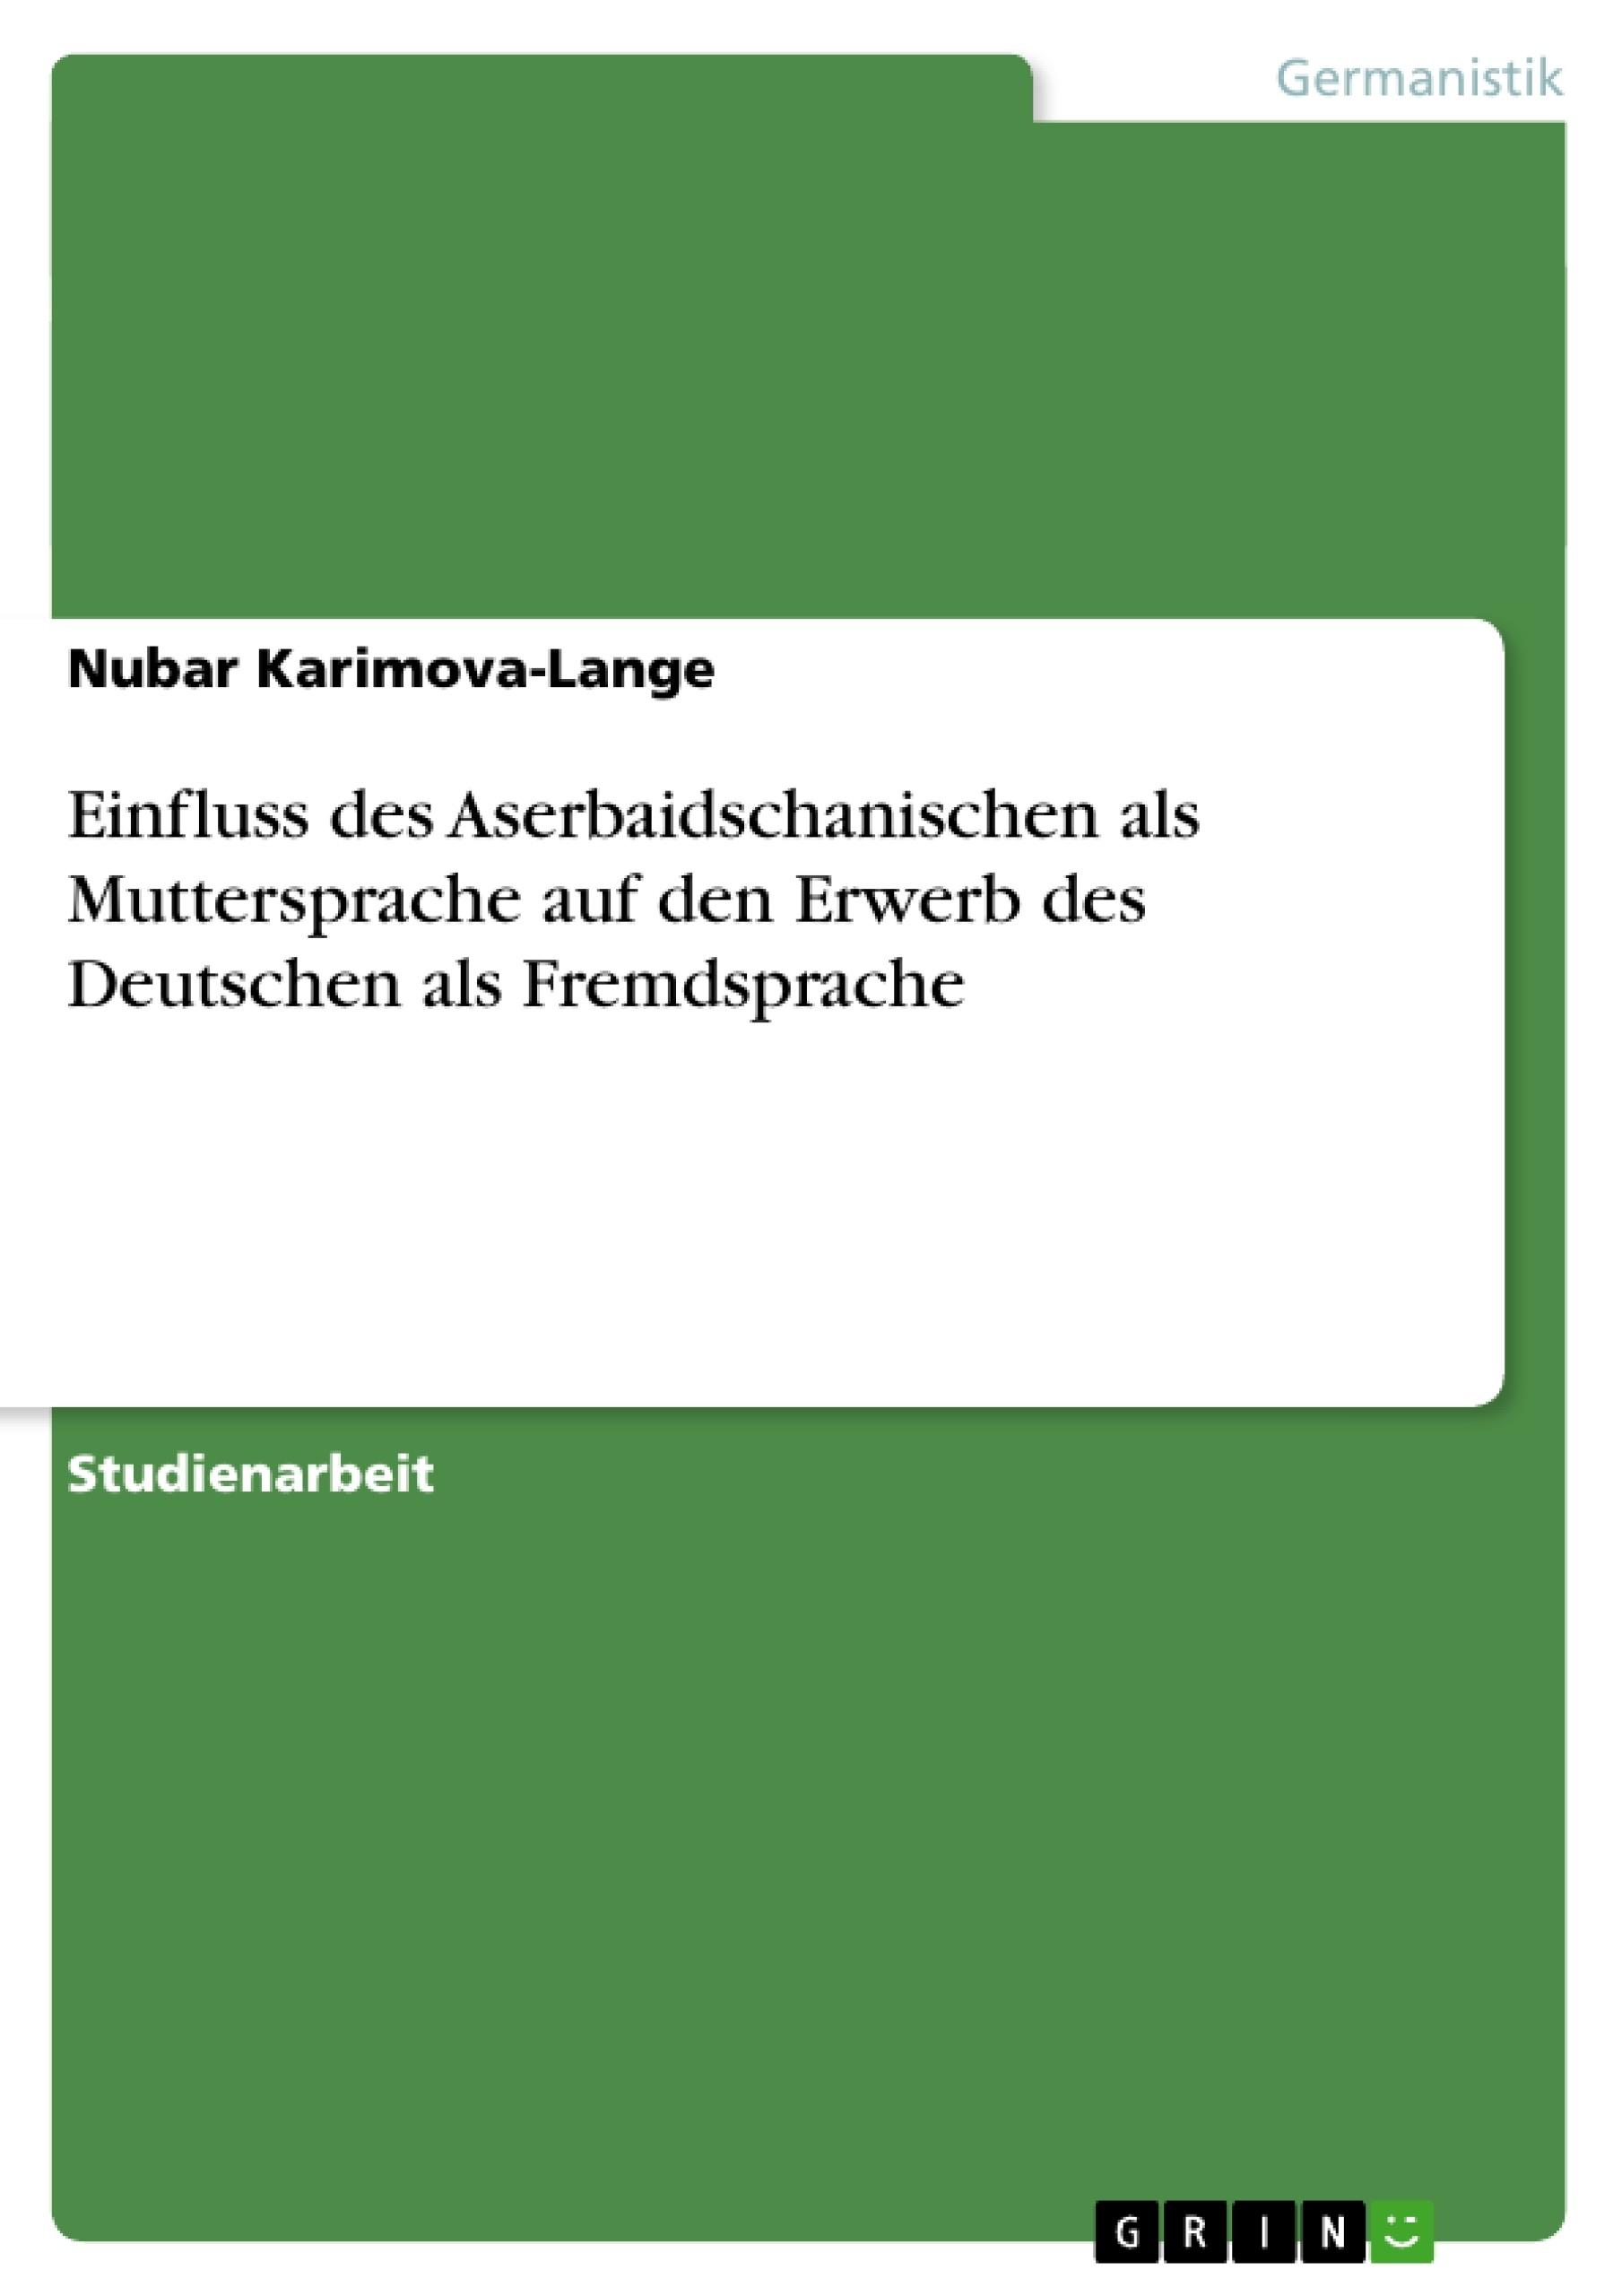 Titel: Einfluss des Aserbaidschanischen als Muttersprache auf den Erwerb des Deutschen als Fremdsprache